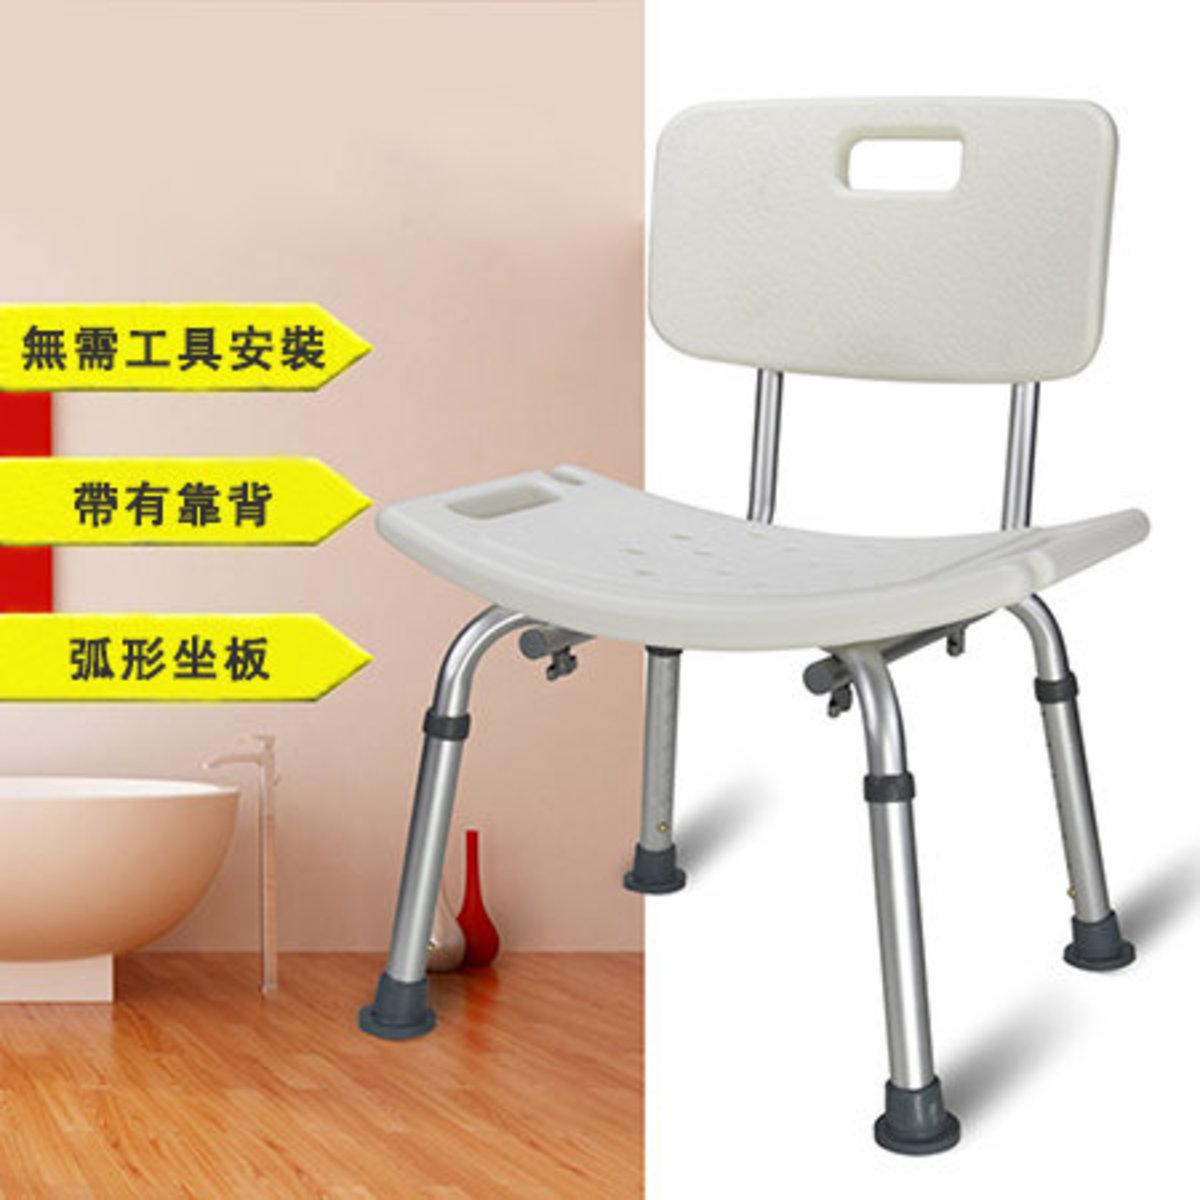 靠背弧形座板沐浴椅 (白色) MR3012